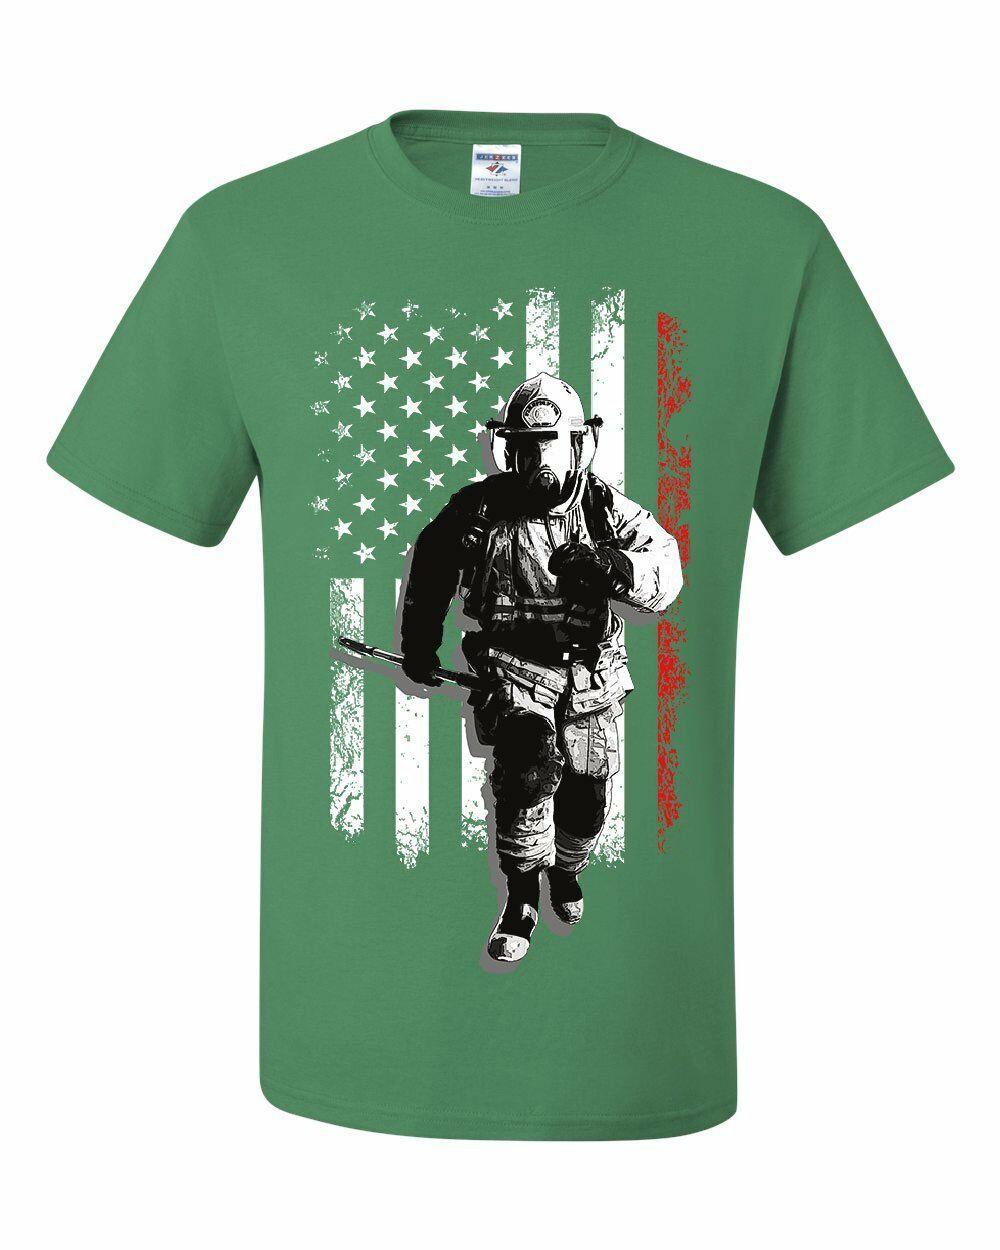 Bombero héroe nosotros Flag Camiseta roja de la raya de Incendios y Salvamento Fd 2019 estrenar de manga corta de algodón Imprimir camiseta de los hombres